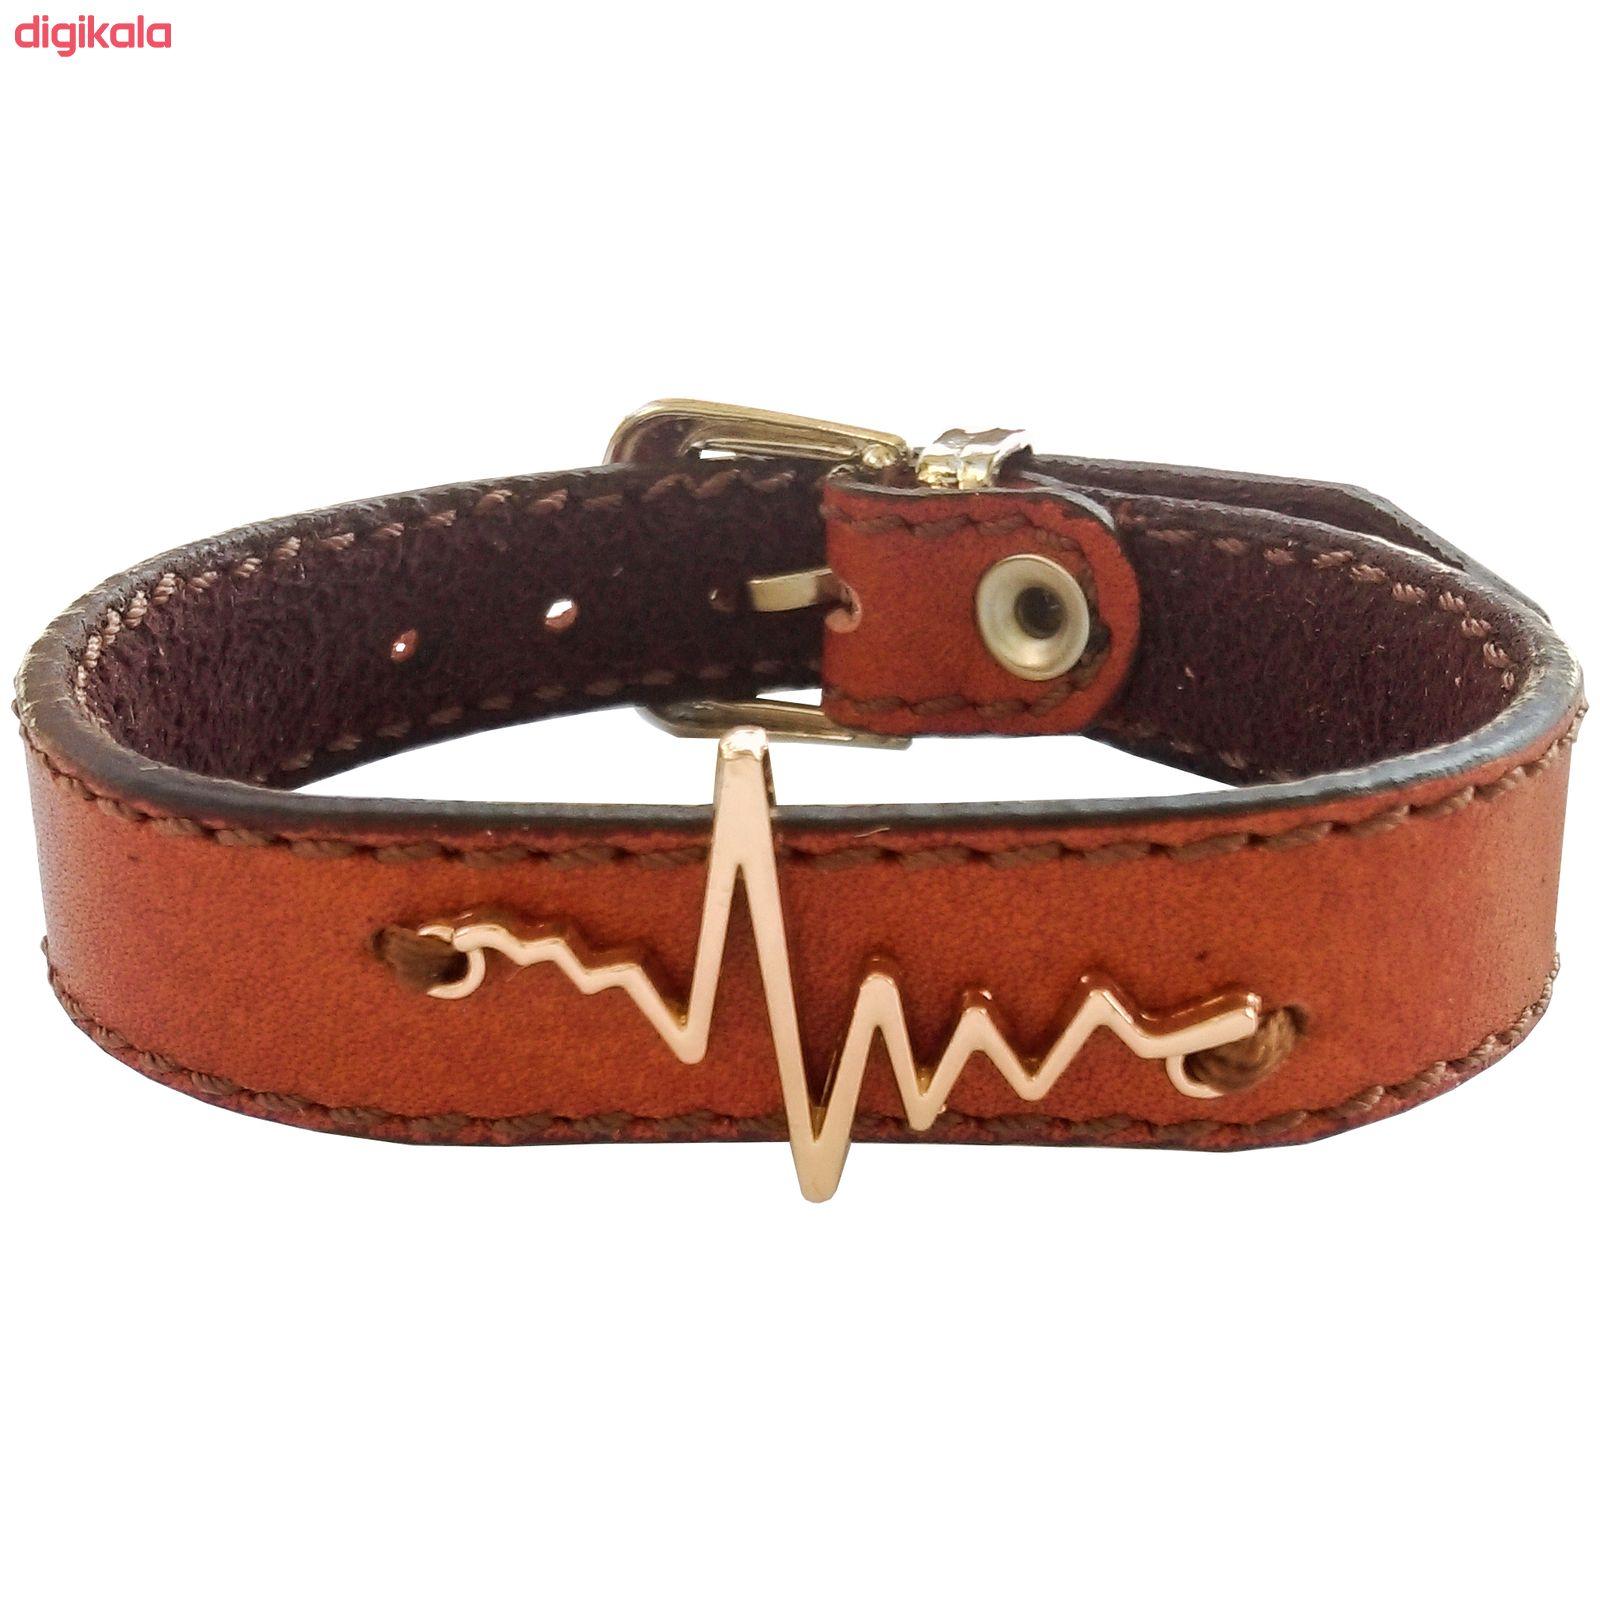 دستبند زنانه چرم وارک مدل پرهام کد rb59 main 1 4